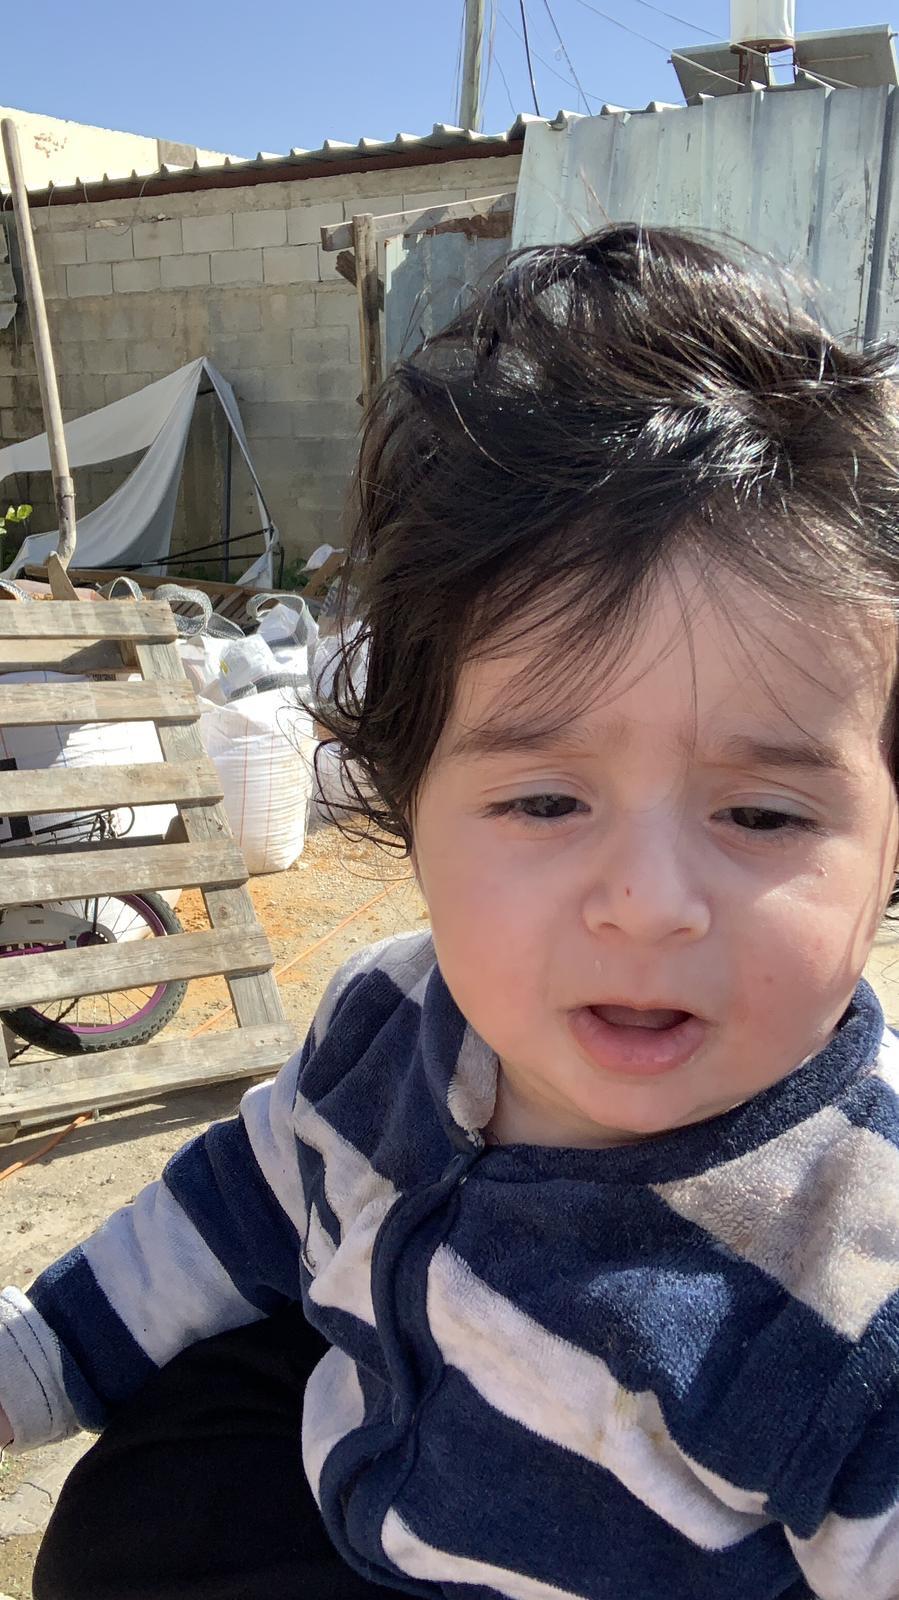 أطفال يافا 48 -  رفيف. وعناد علي الياس الطبري من اللد